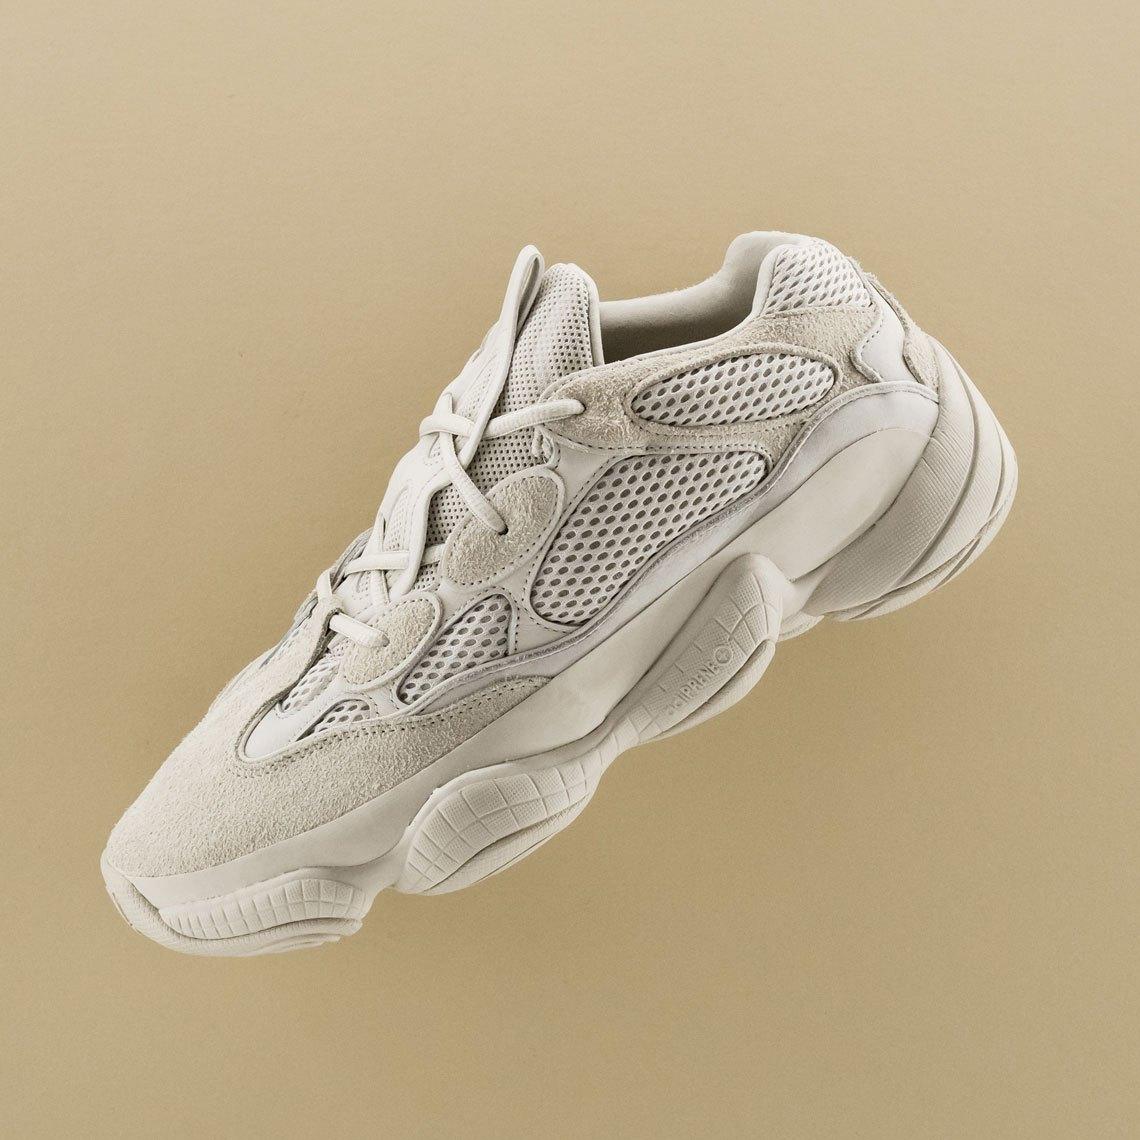 e15cc18af Acquista scarpe adidas yeezy 500 nere e oro | fino a OFF60% sconti